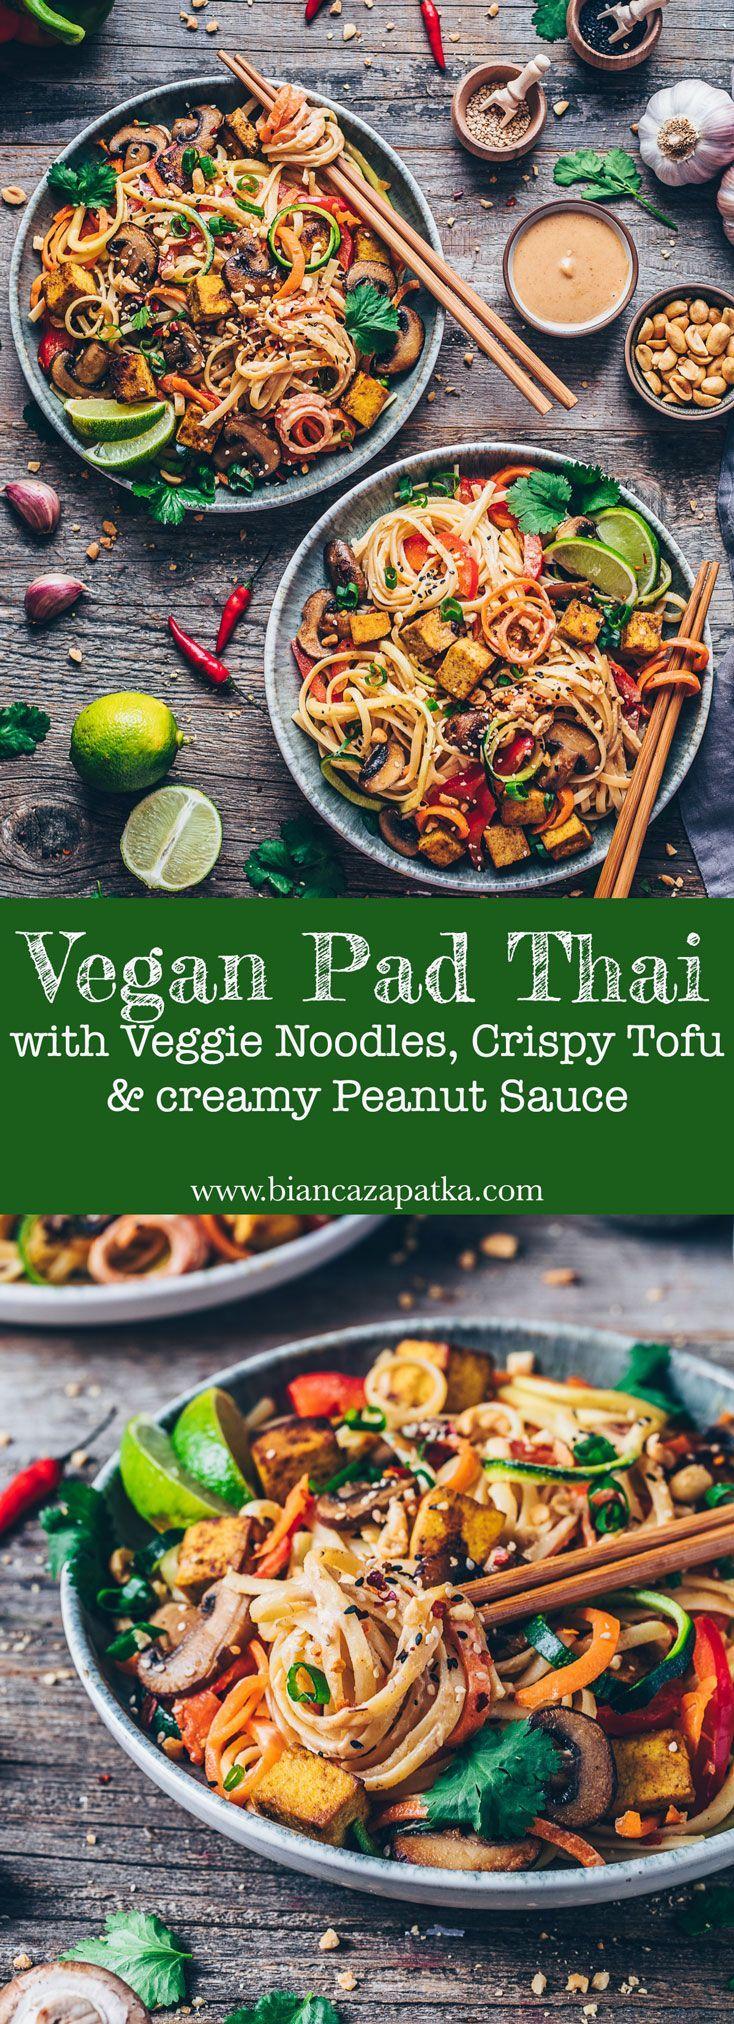 Pad Thai Pad Thai with crispy tofu, vegetable noodles, zucchini, carrots, mushrooms, creamy peanut saucePad Thai with crispy tofu, vegetable noodles, zucchini, carrots, mushrooms, creamy peanut sauce